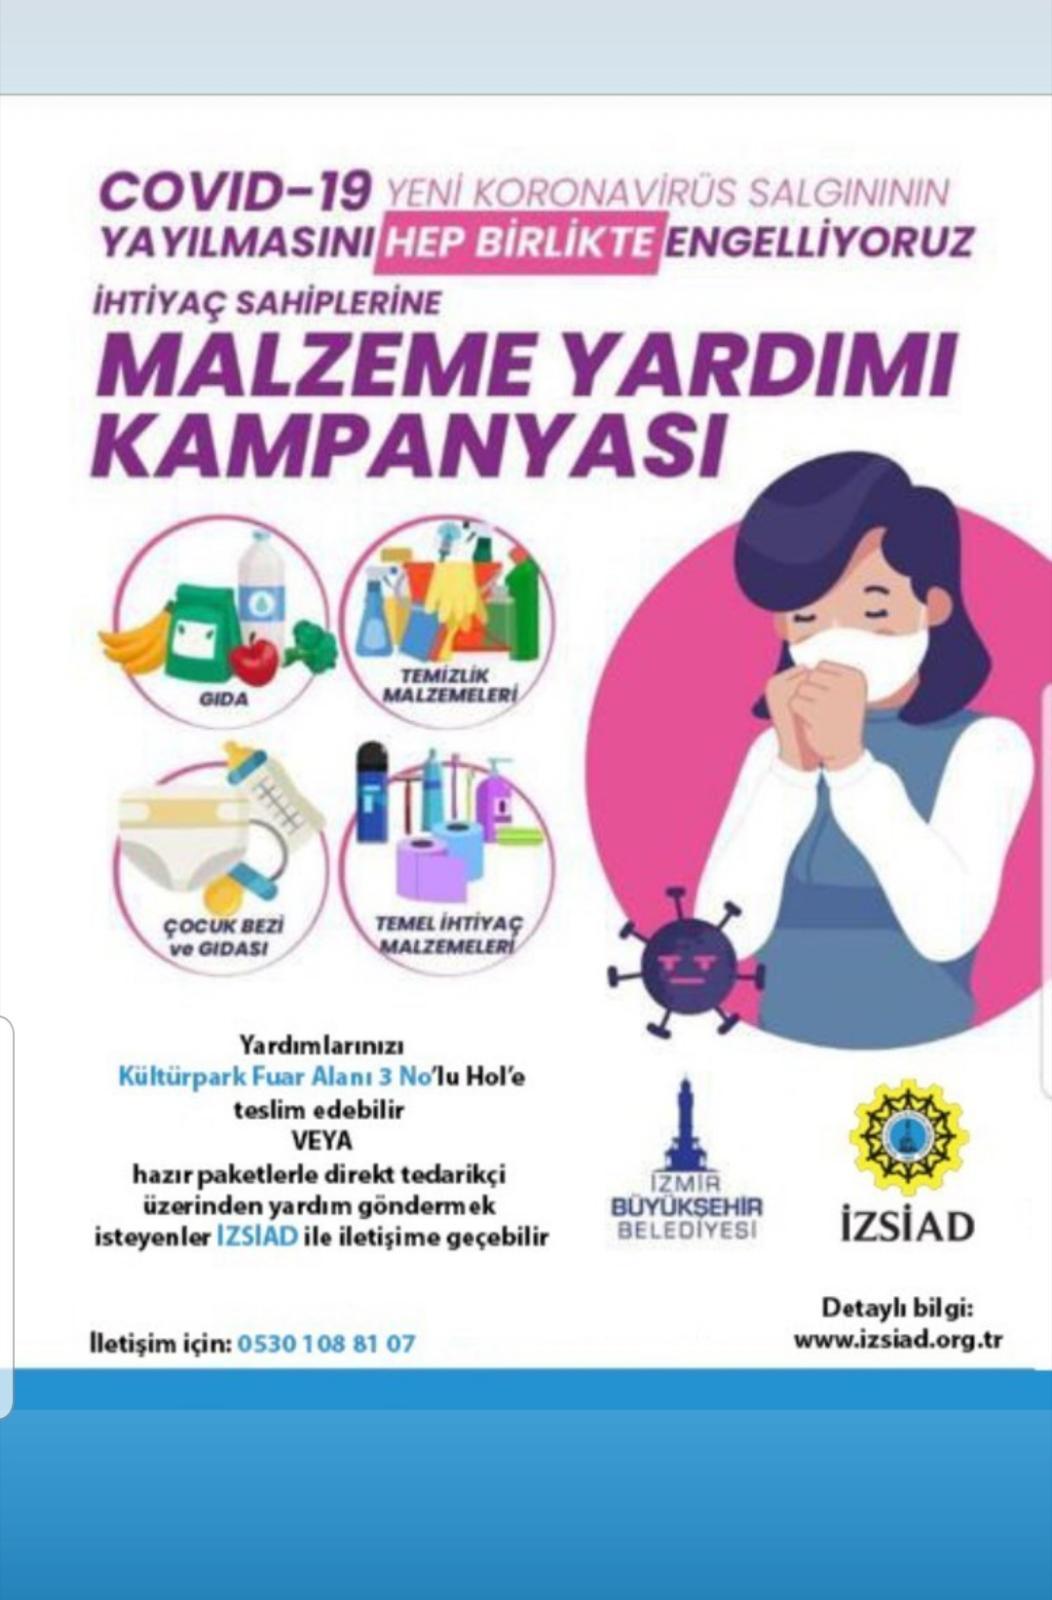 Korona virüsüne karşı İZSİAD'dan yardım kampanyası